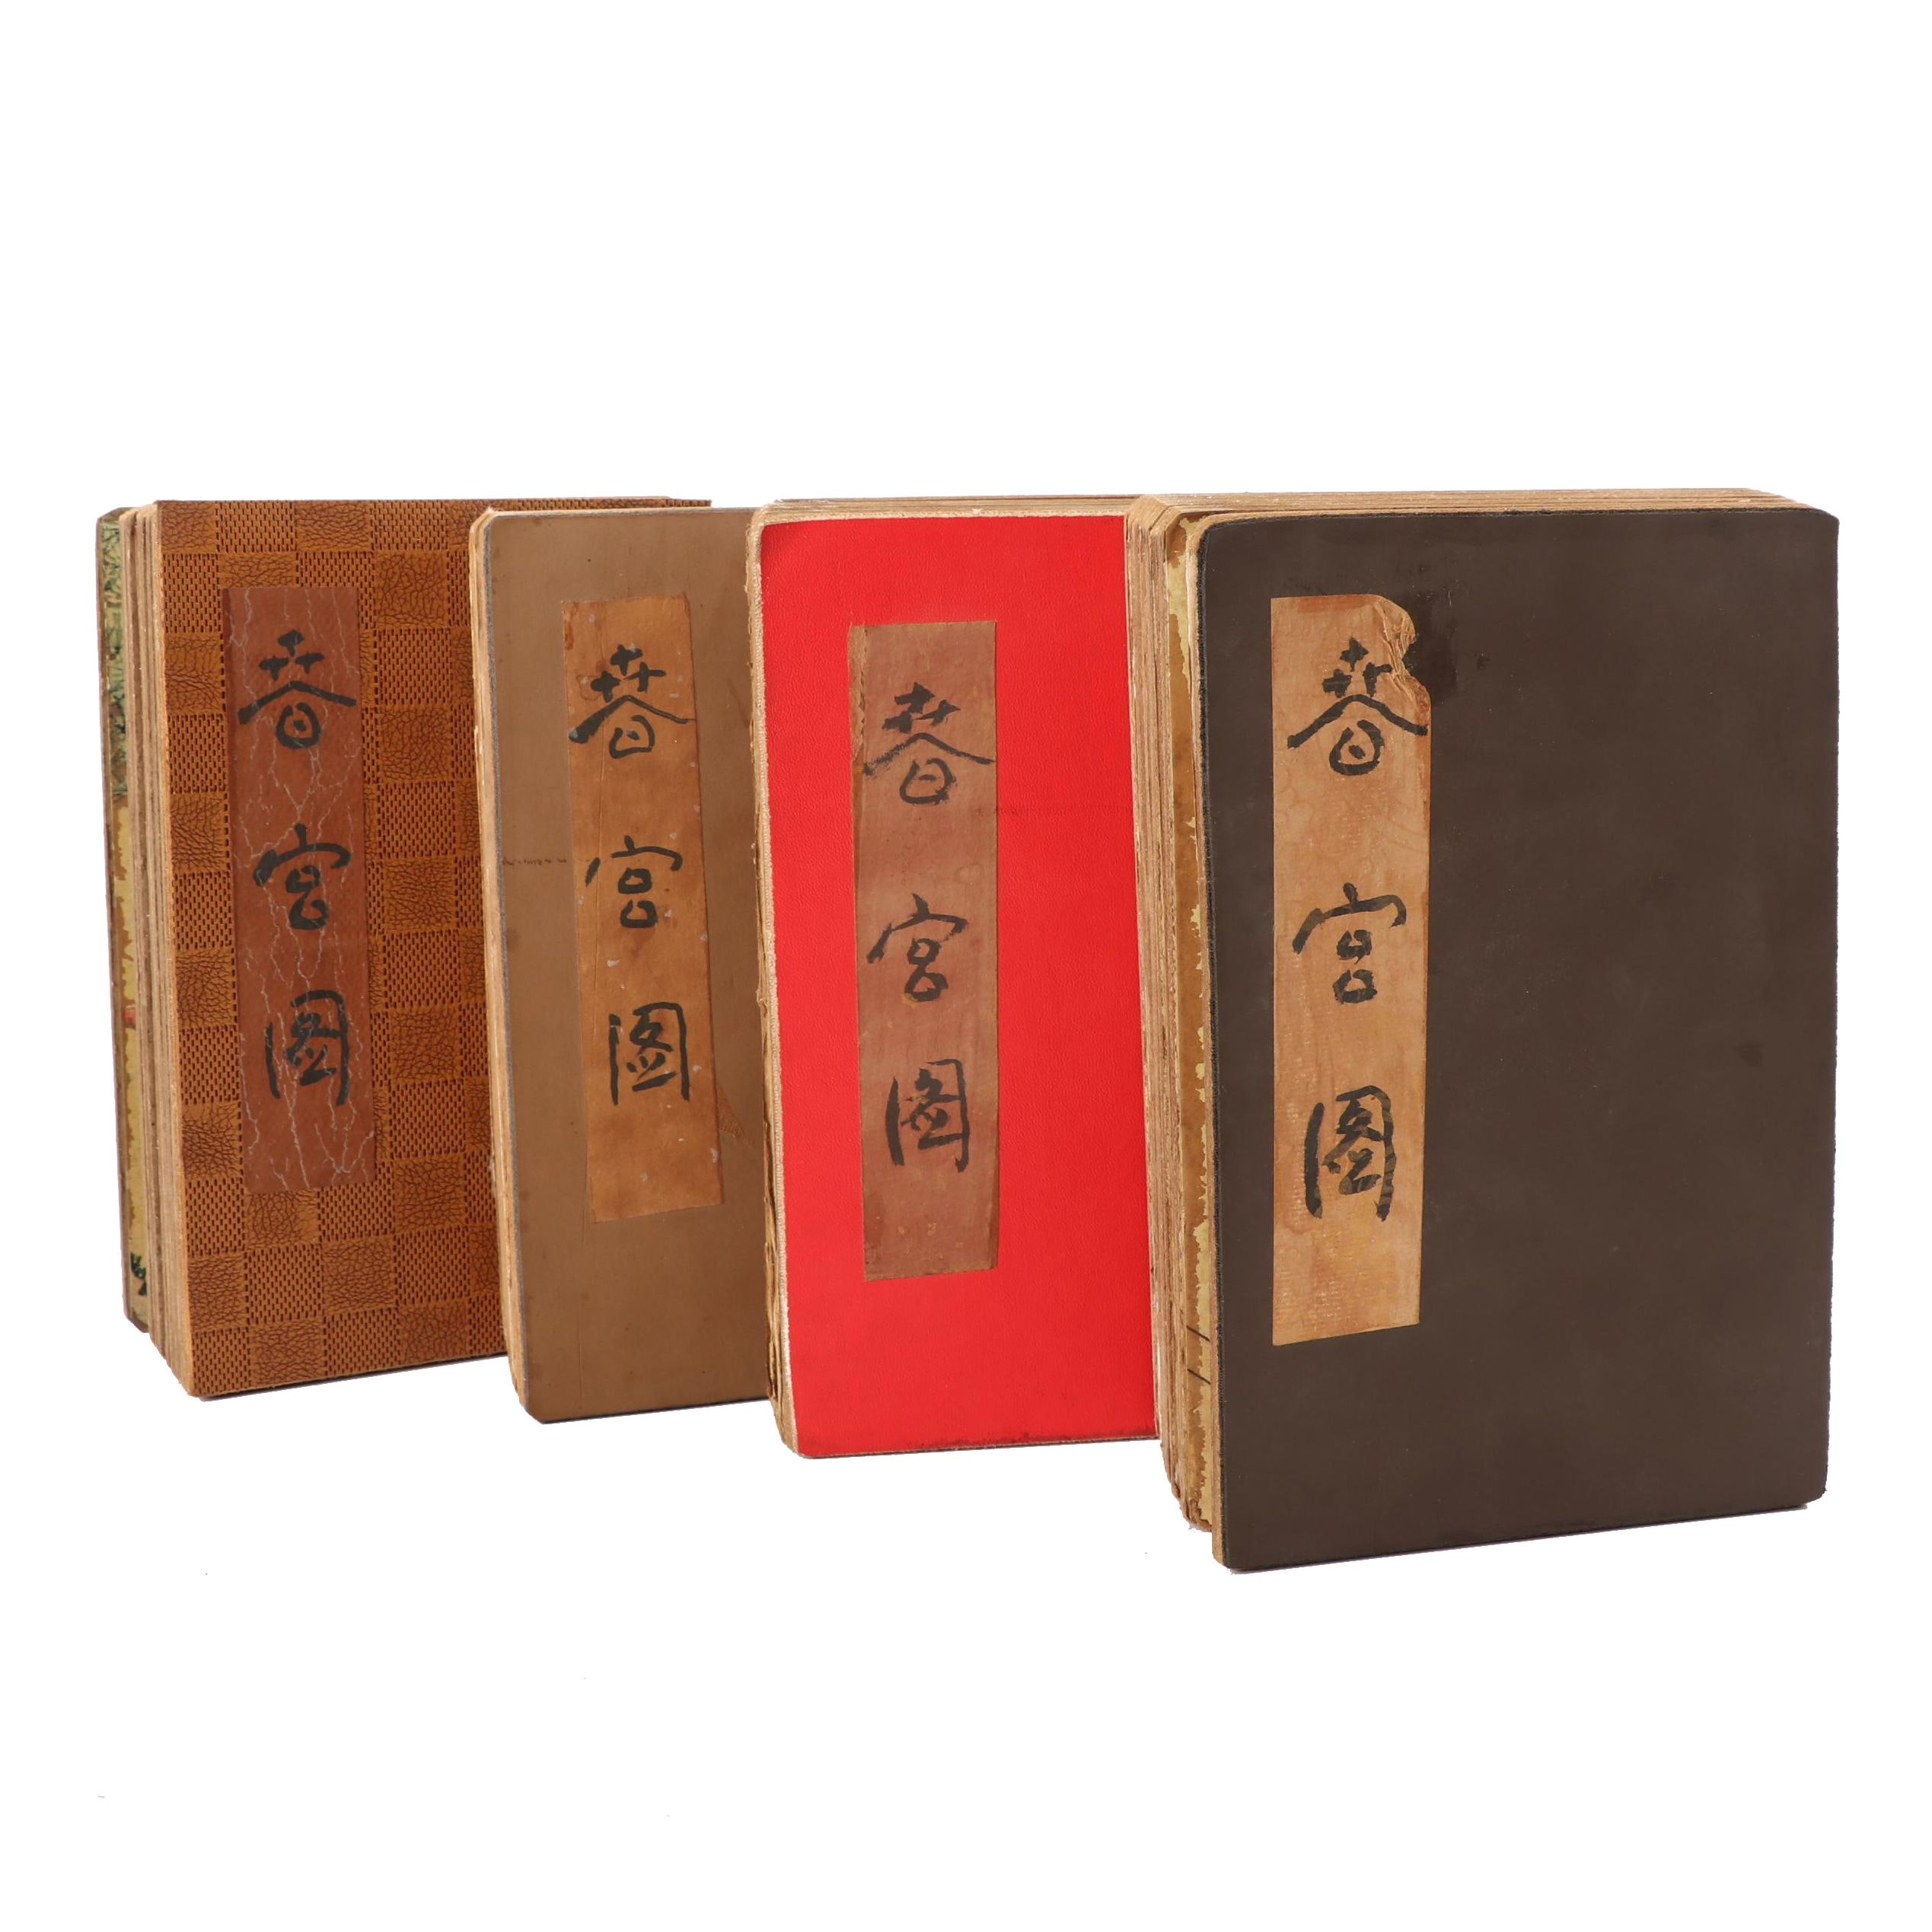 Chinese Erotic Pillow Books